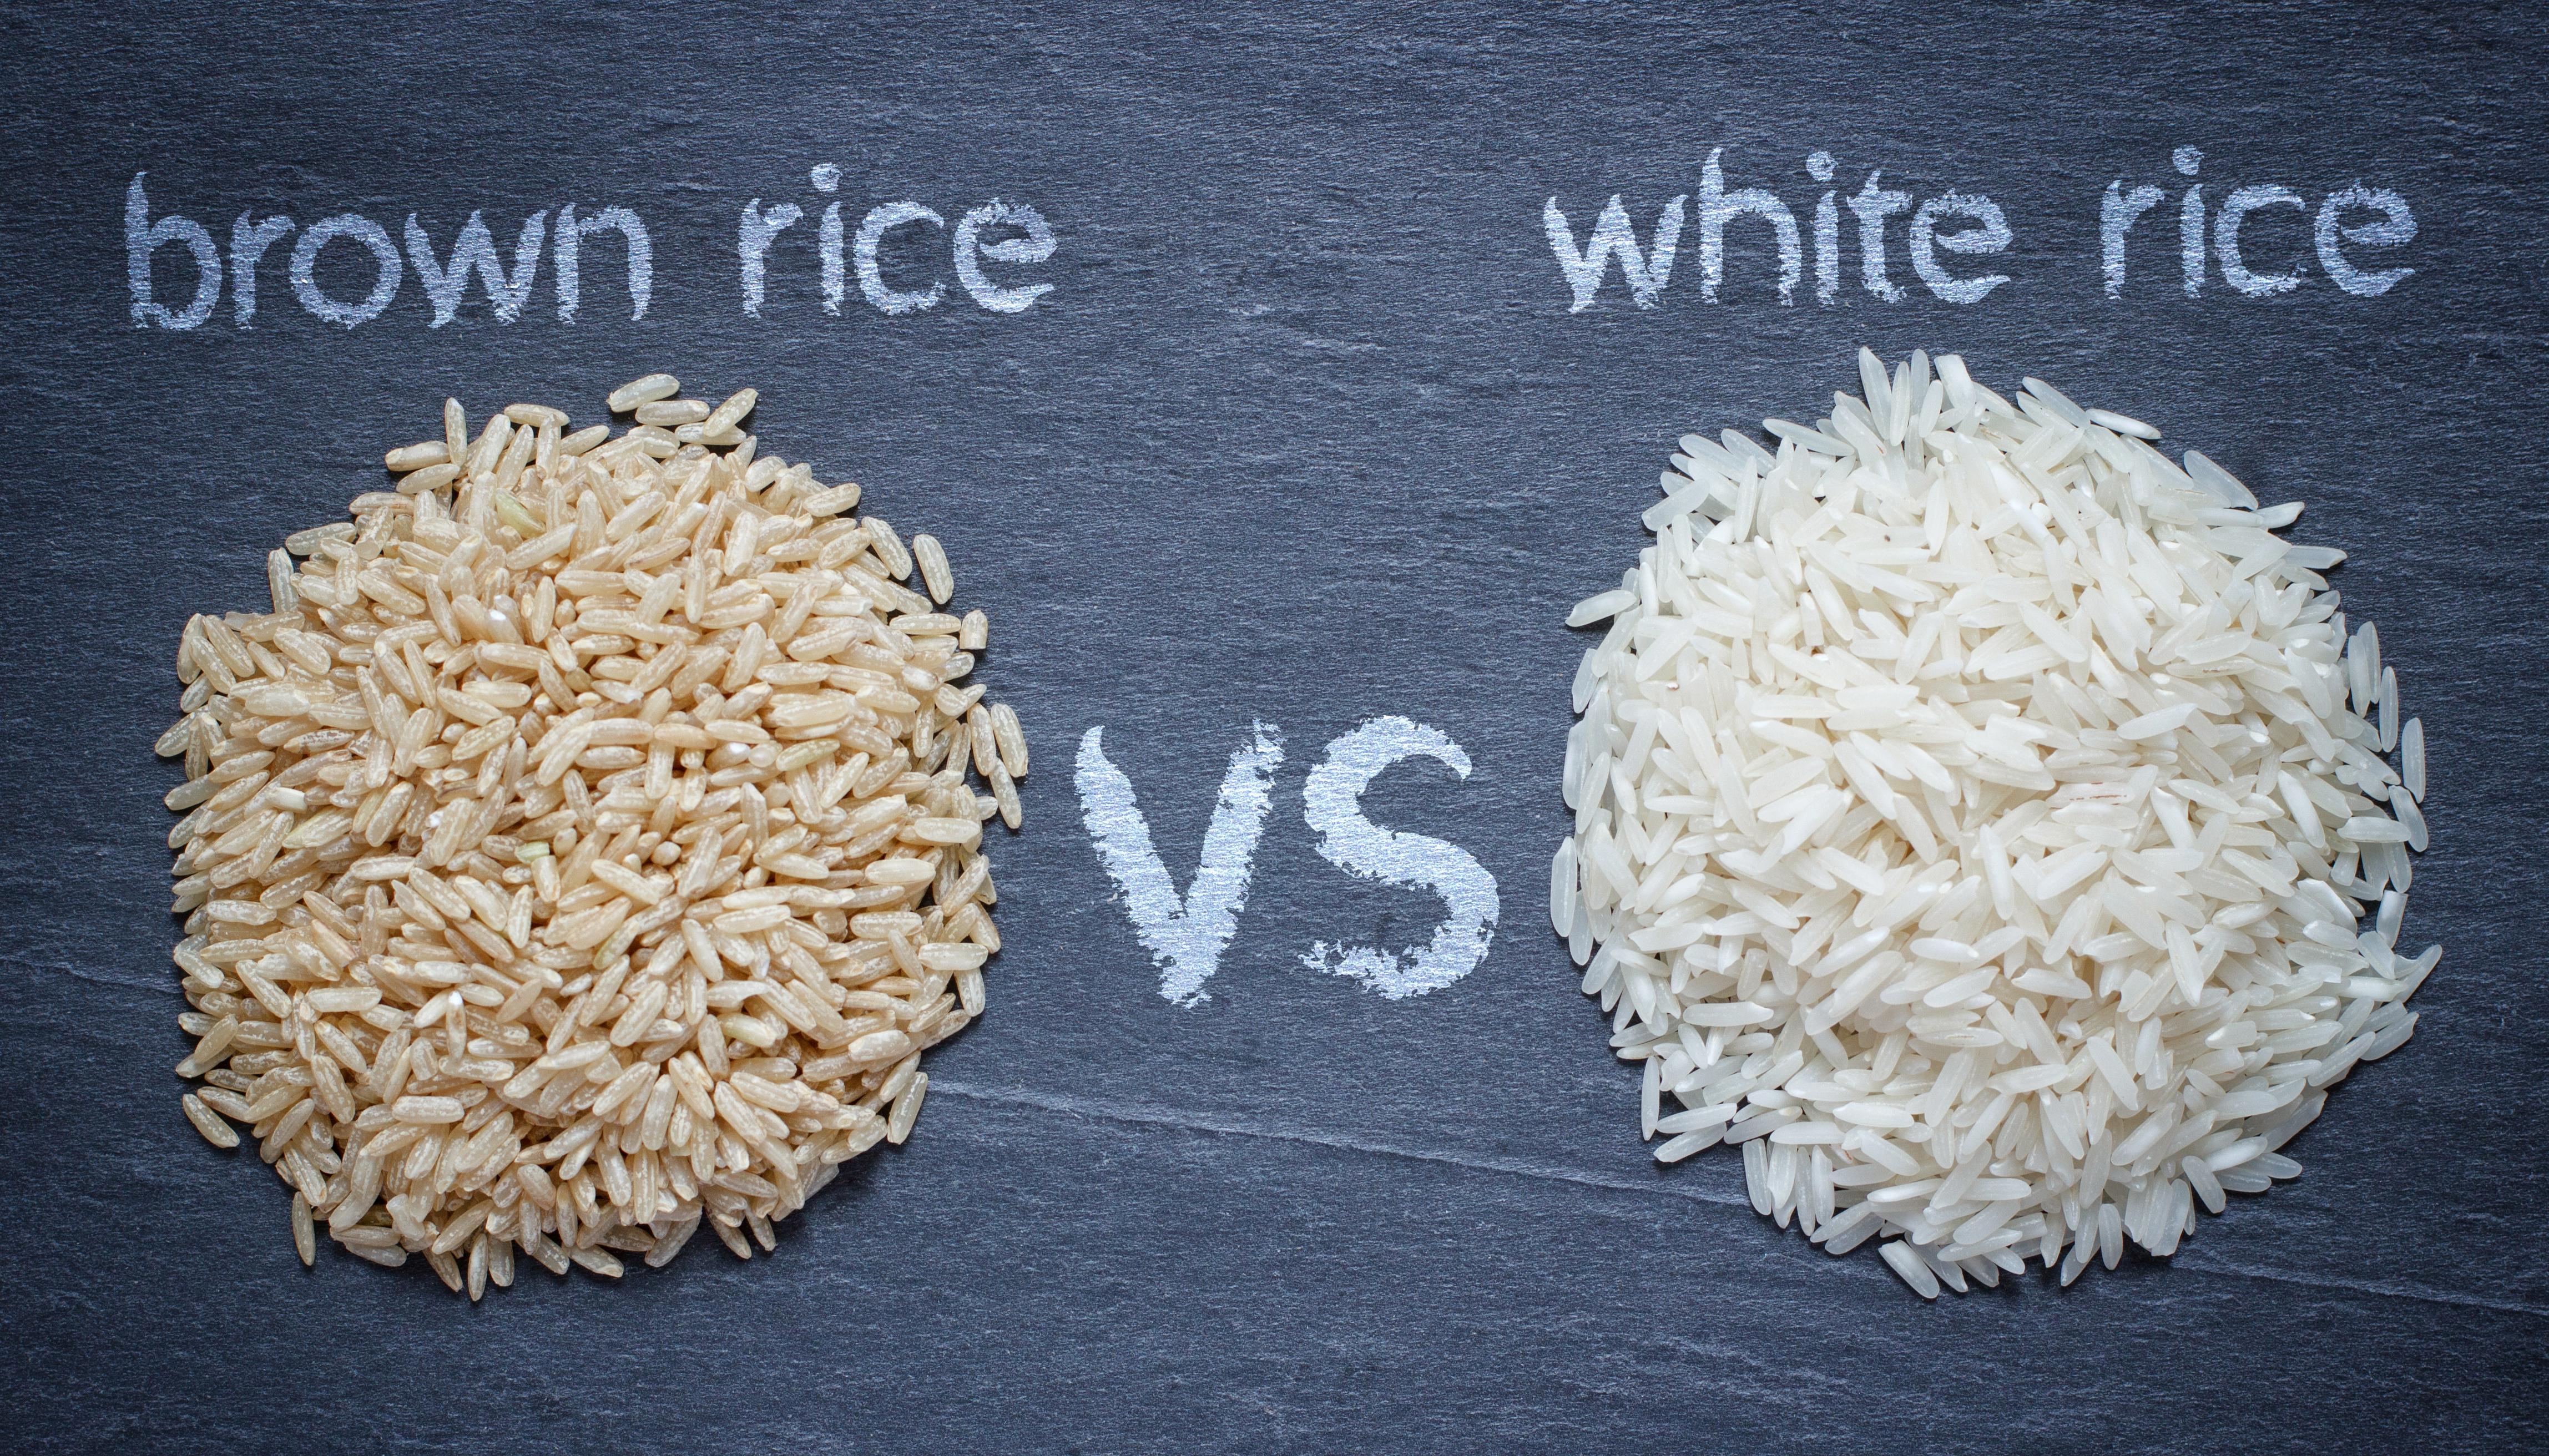 تناول-الأرز-الأبيض-الأسمر-صحي-غير-صحي-اختاري-حميات-غذائية